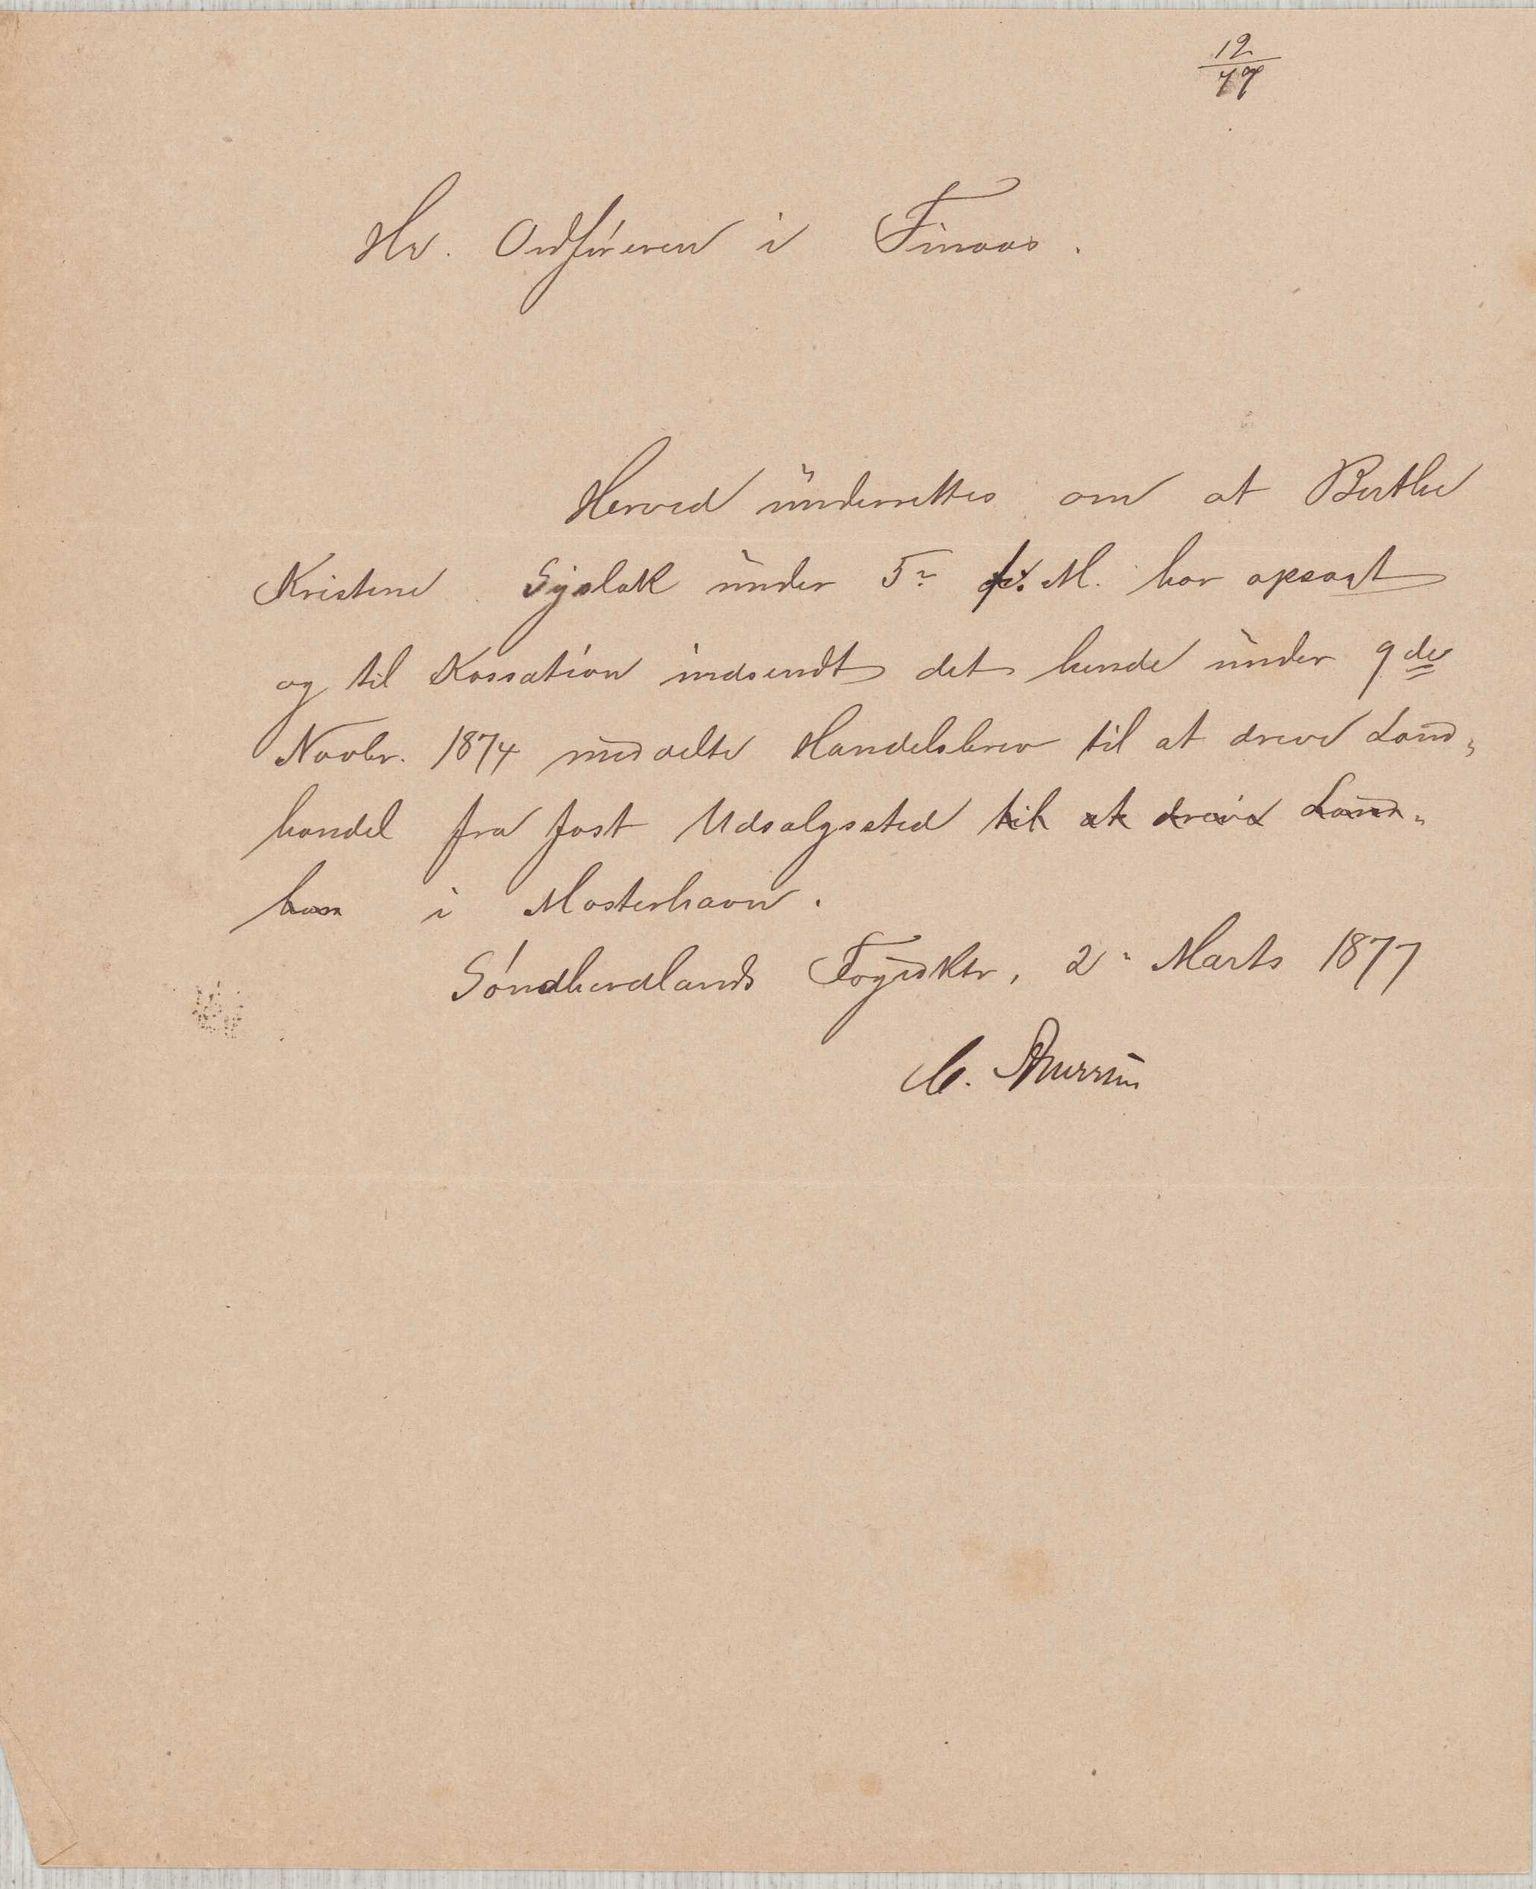 IKAH, Finnaas kommune. Formannskapet, D/Da/L0001: Korrespondanse / saker, 1876-1879, s. 1